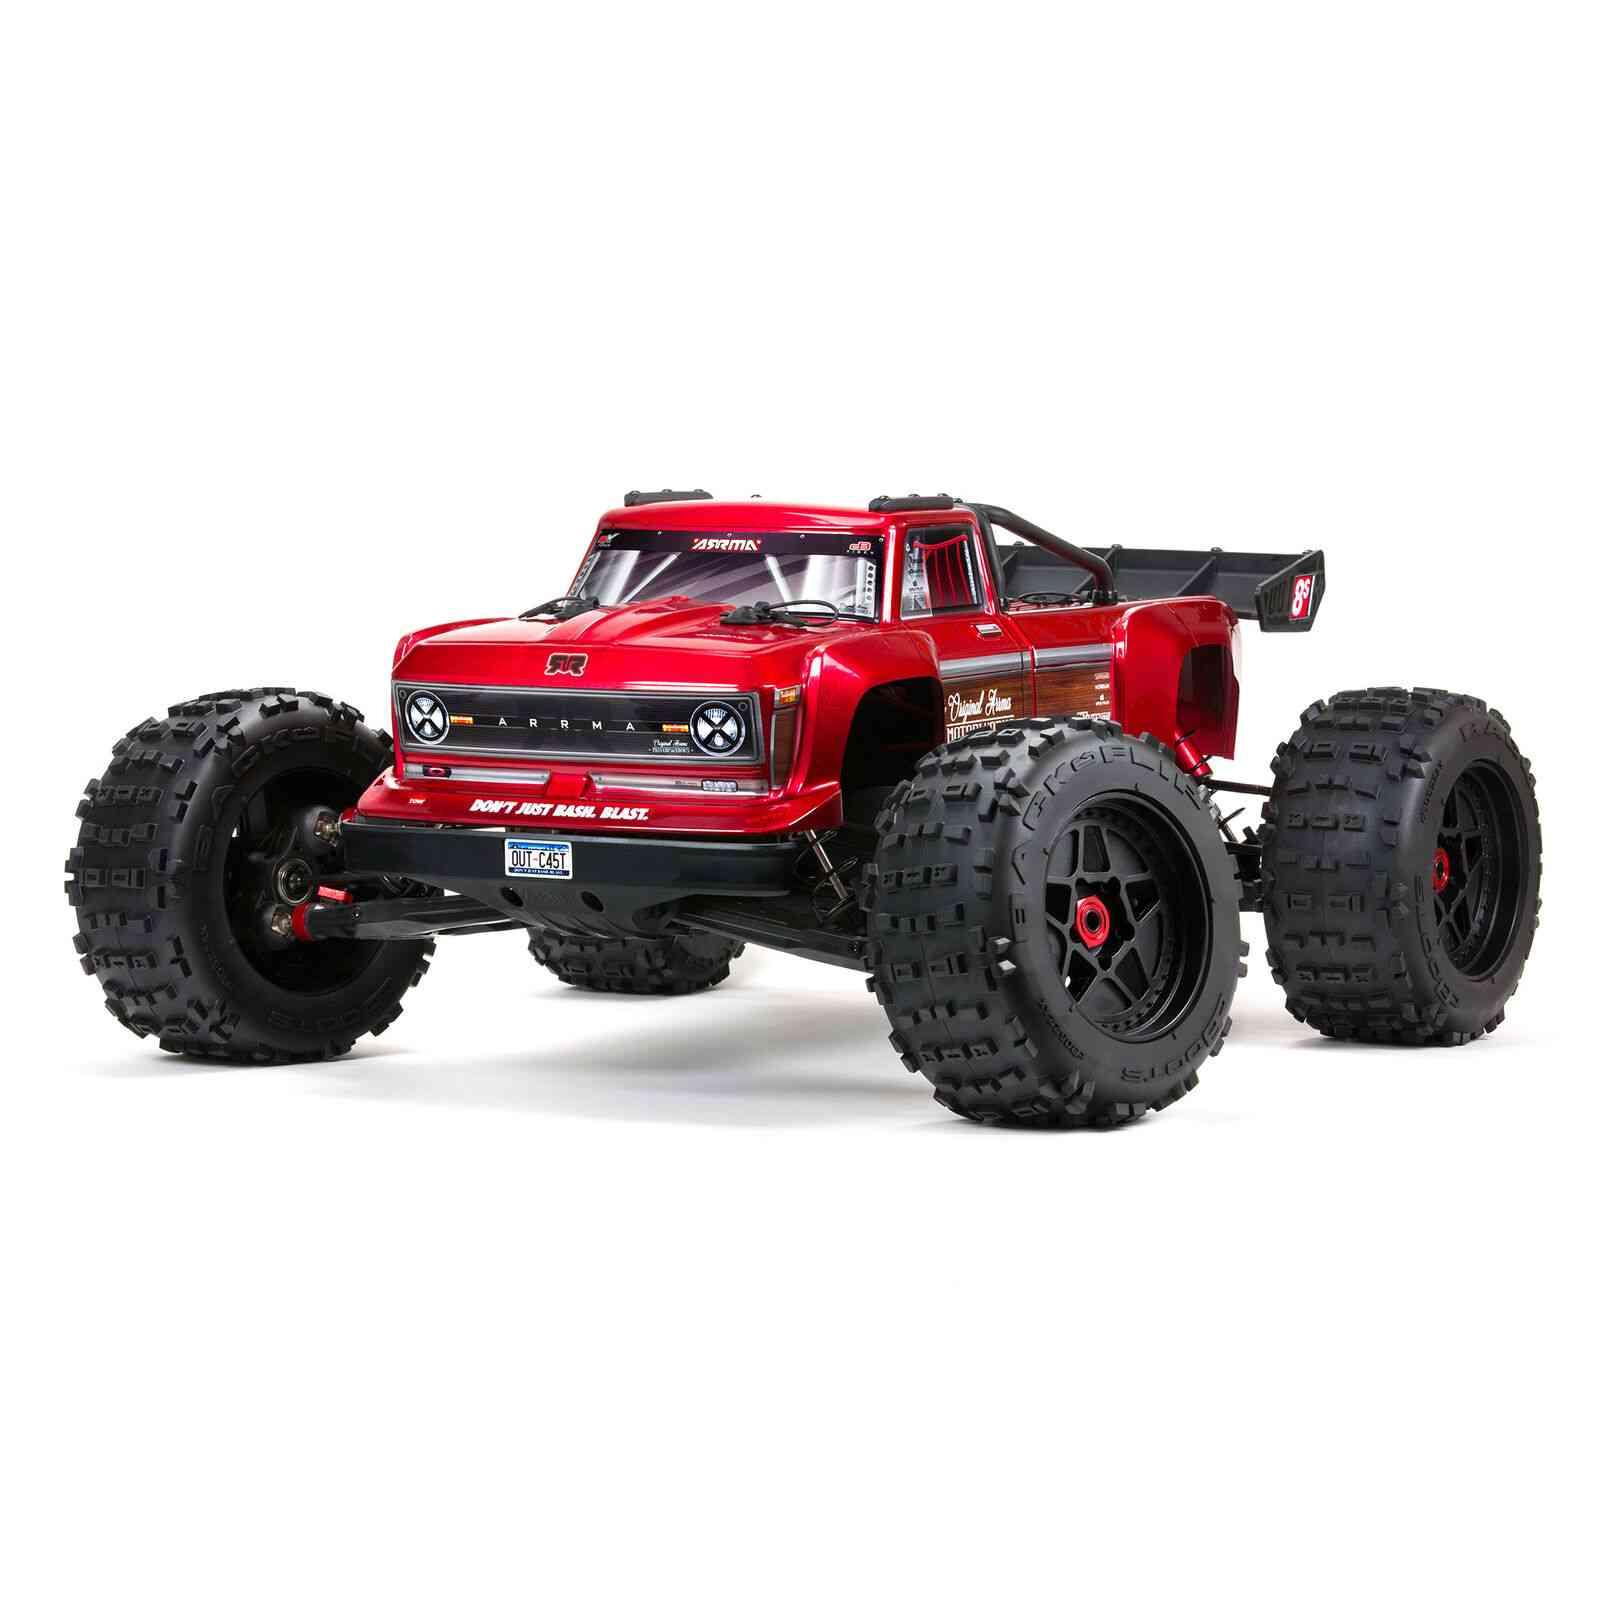 Arrma 1/5 OUTCAST 4X4 8S BLX Stunt Truck RTR